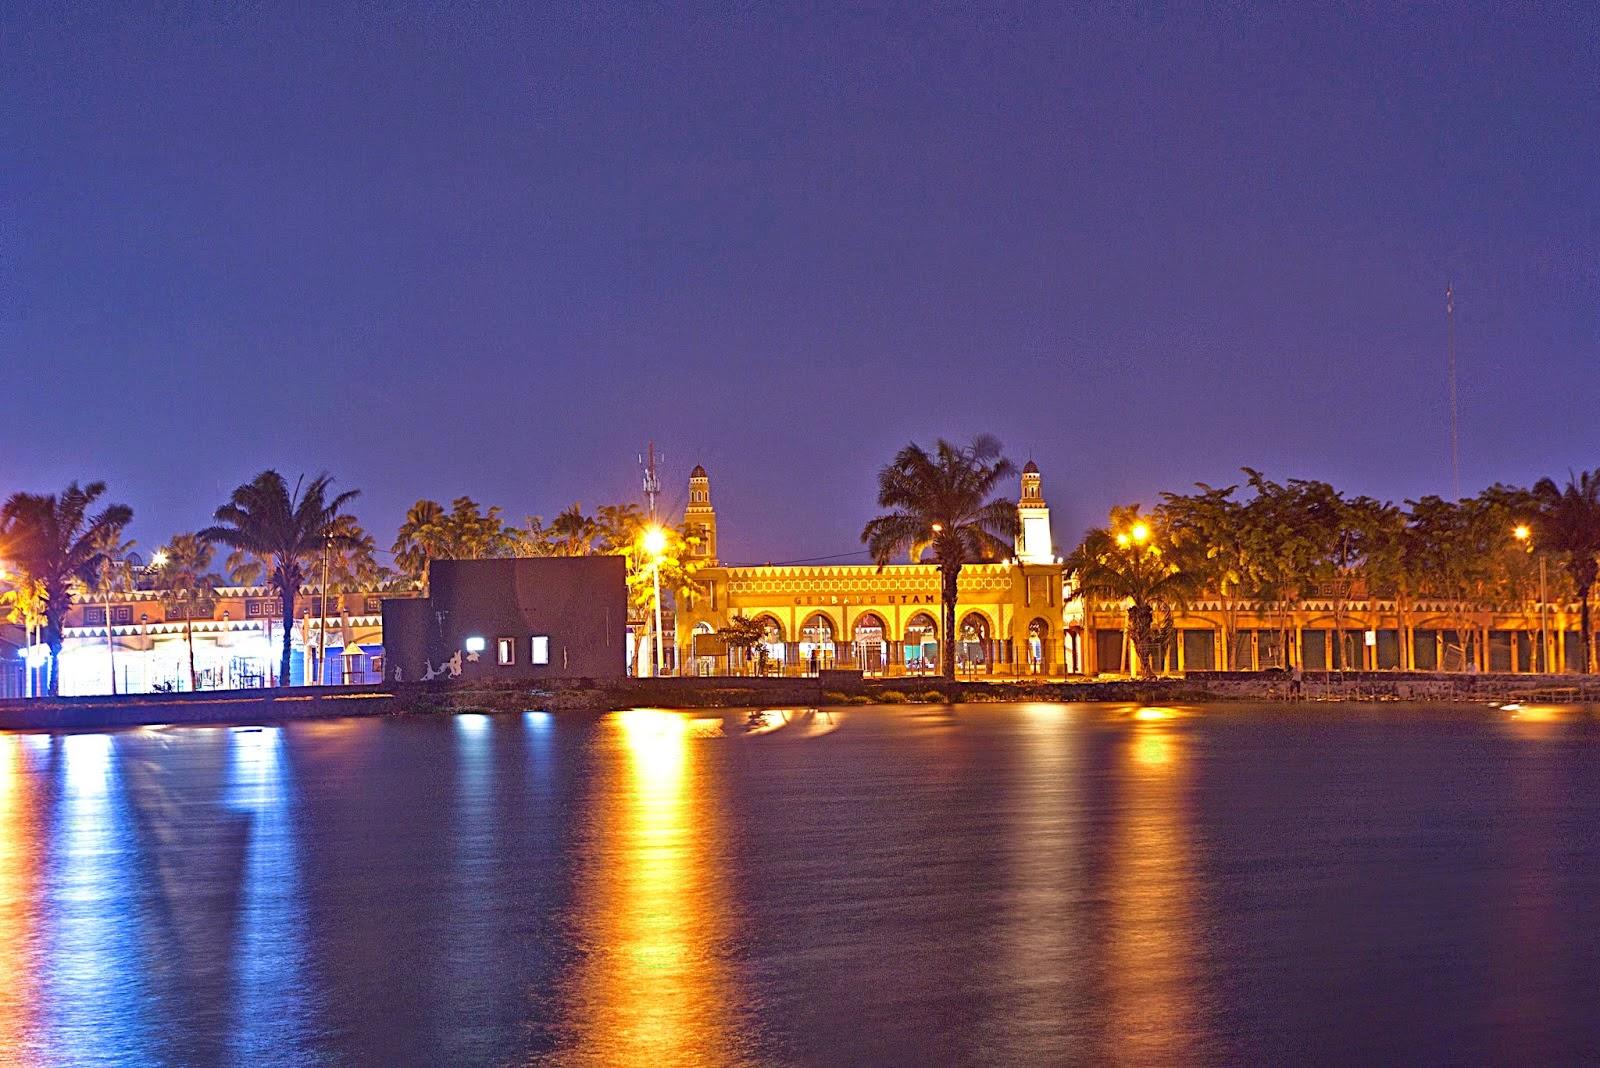 Danau Marakas